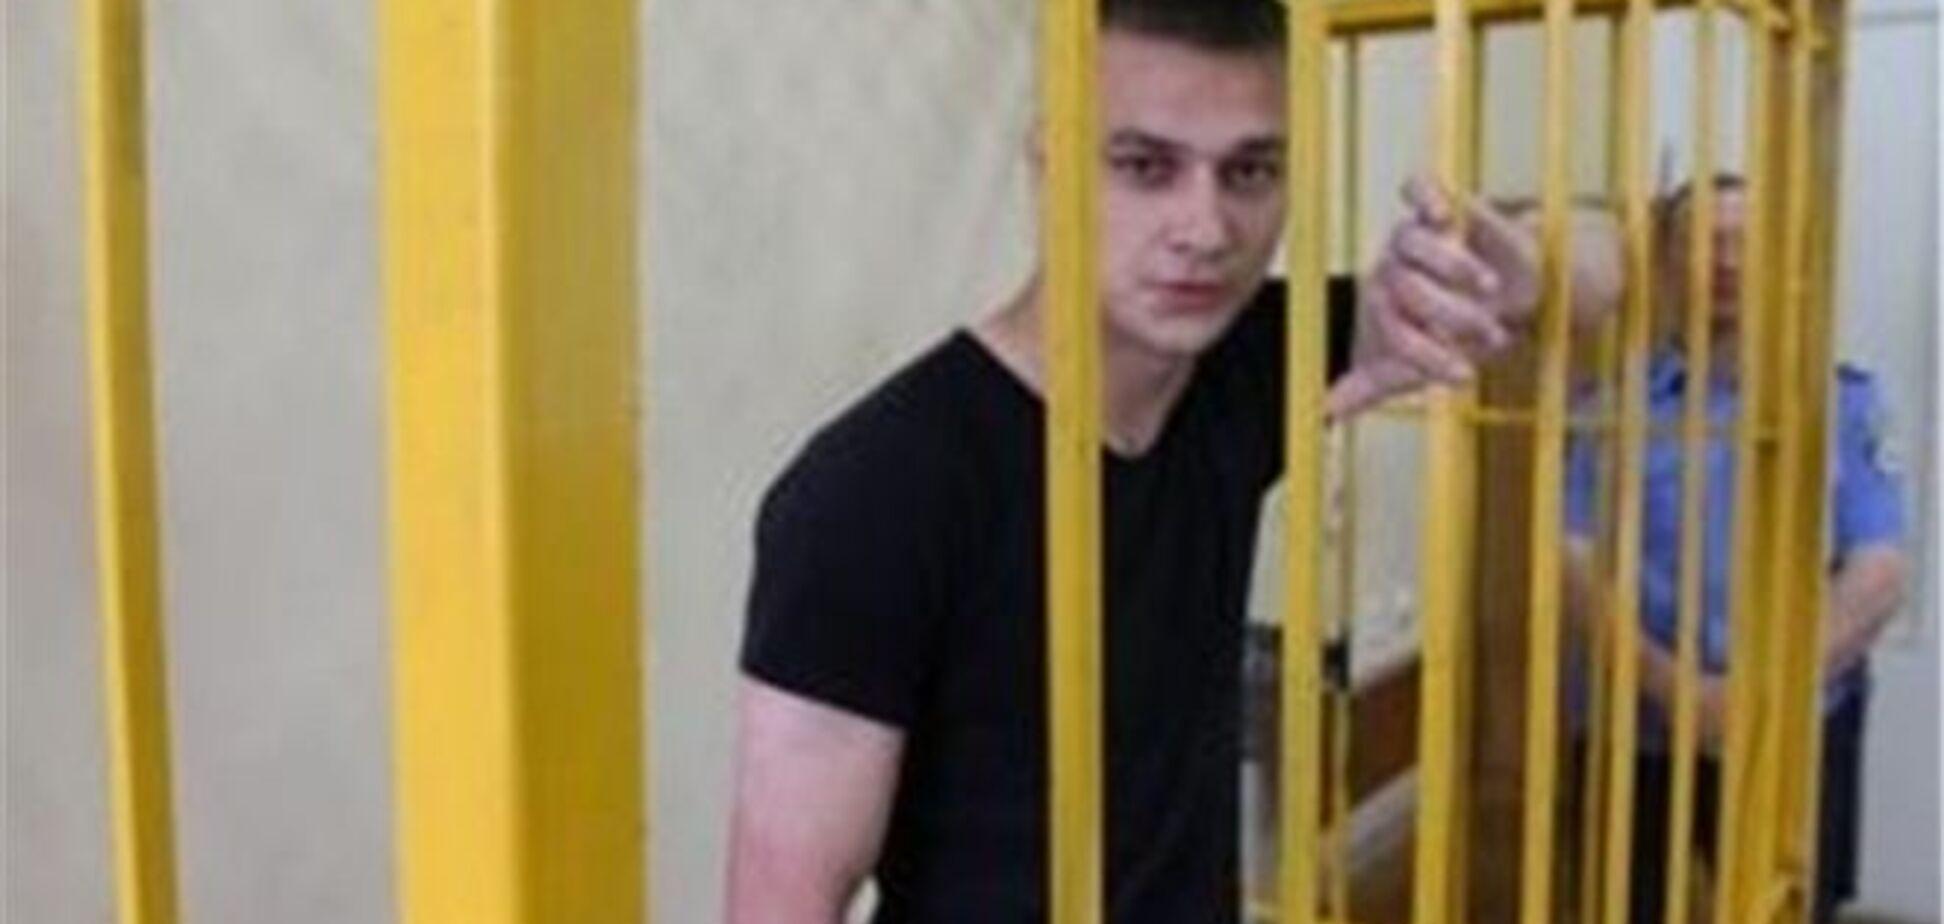 Тітушко за побиття журналістів отримав 3 роки умовно